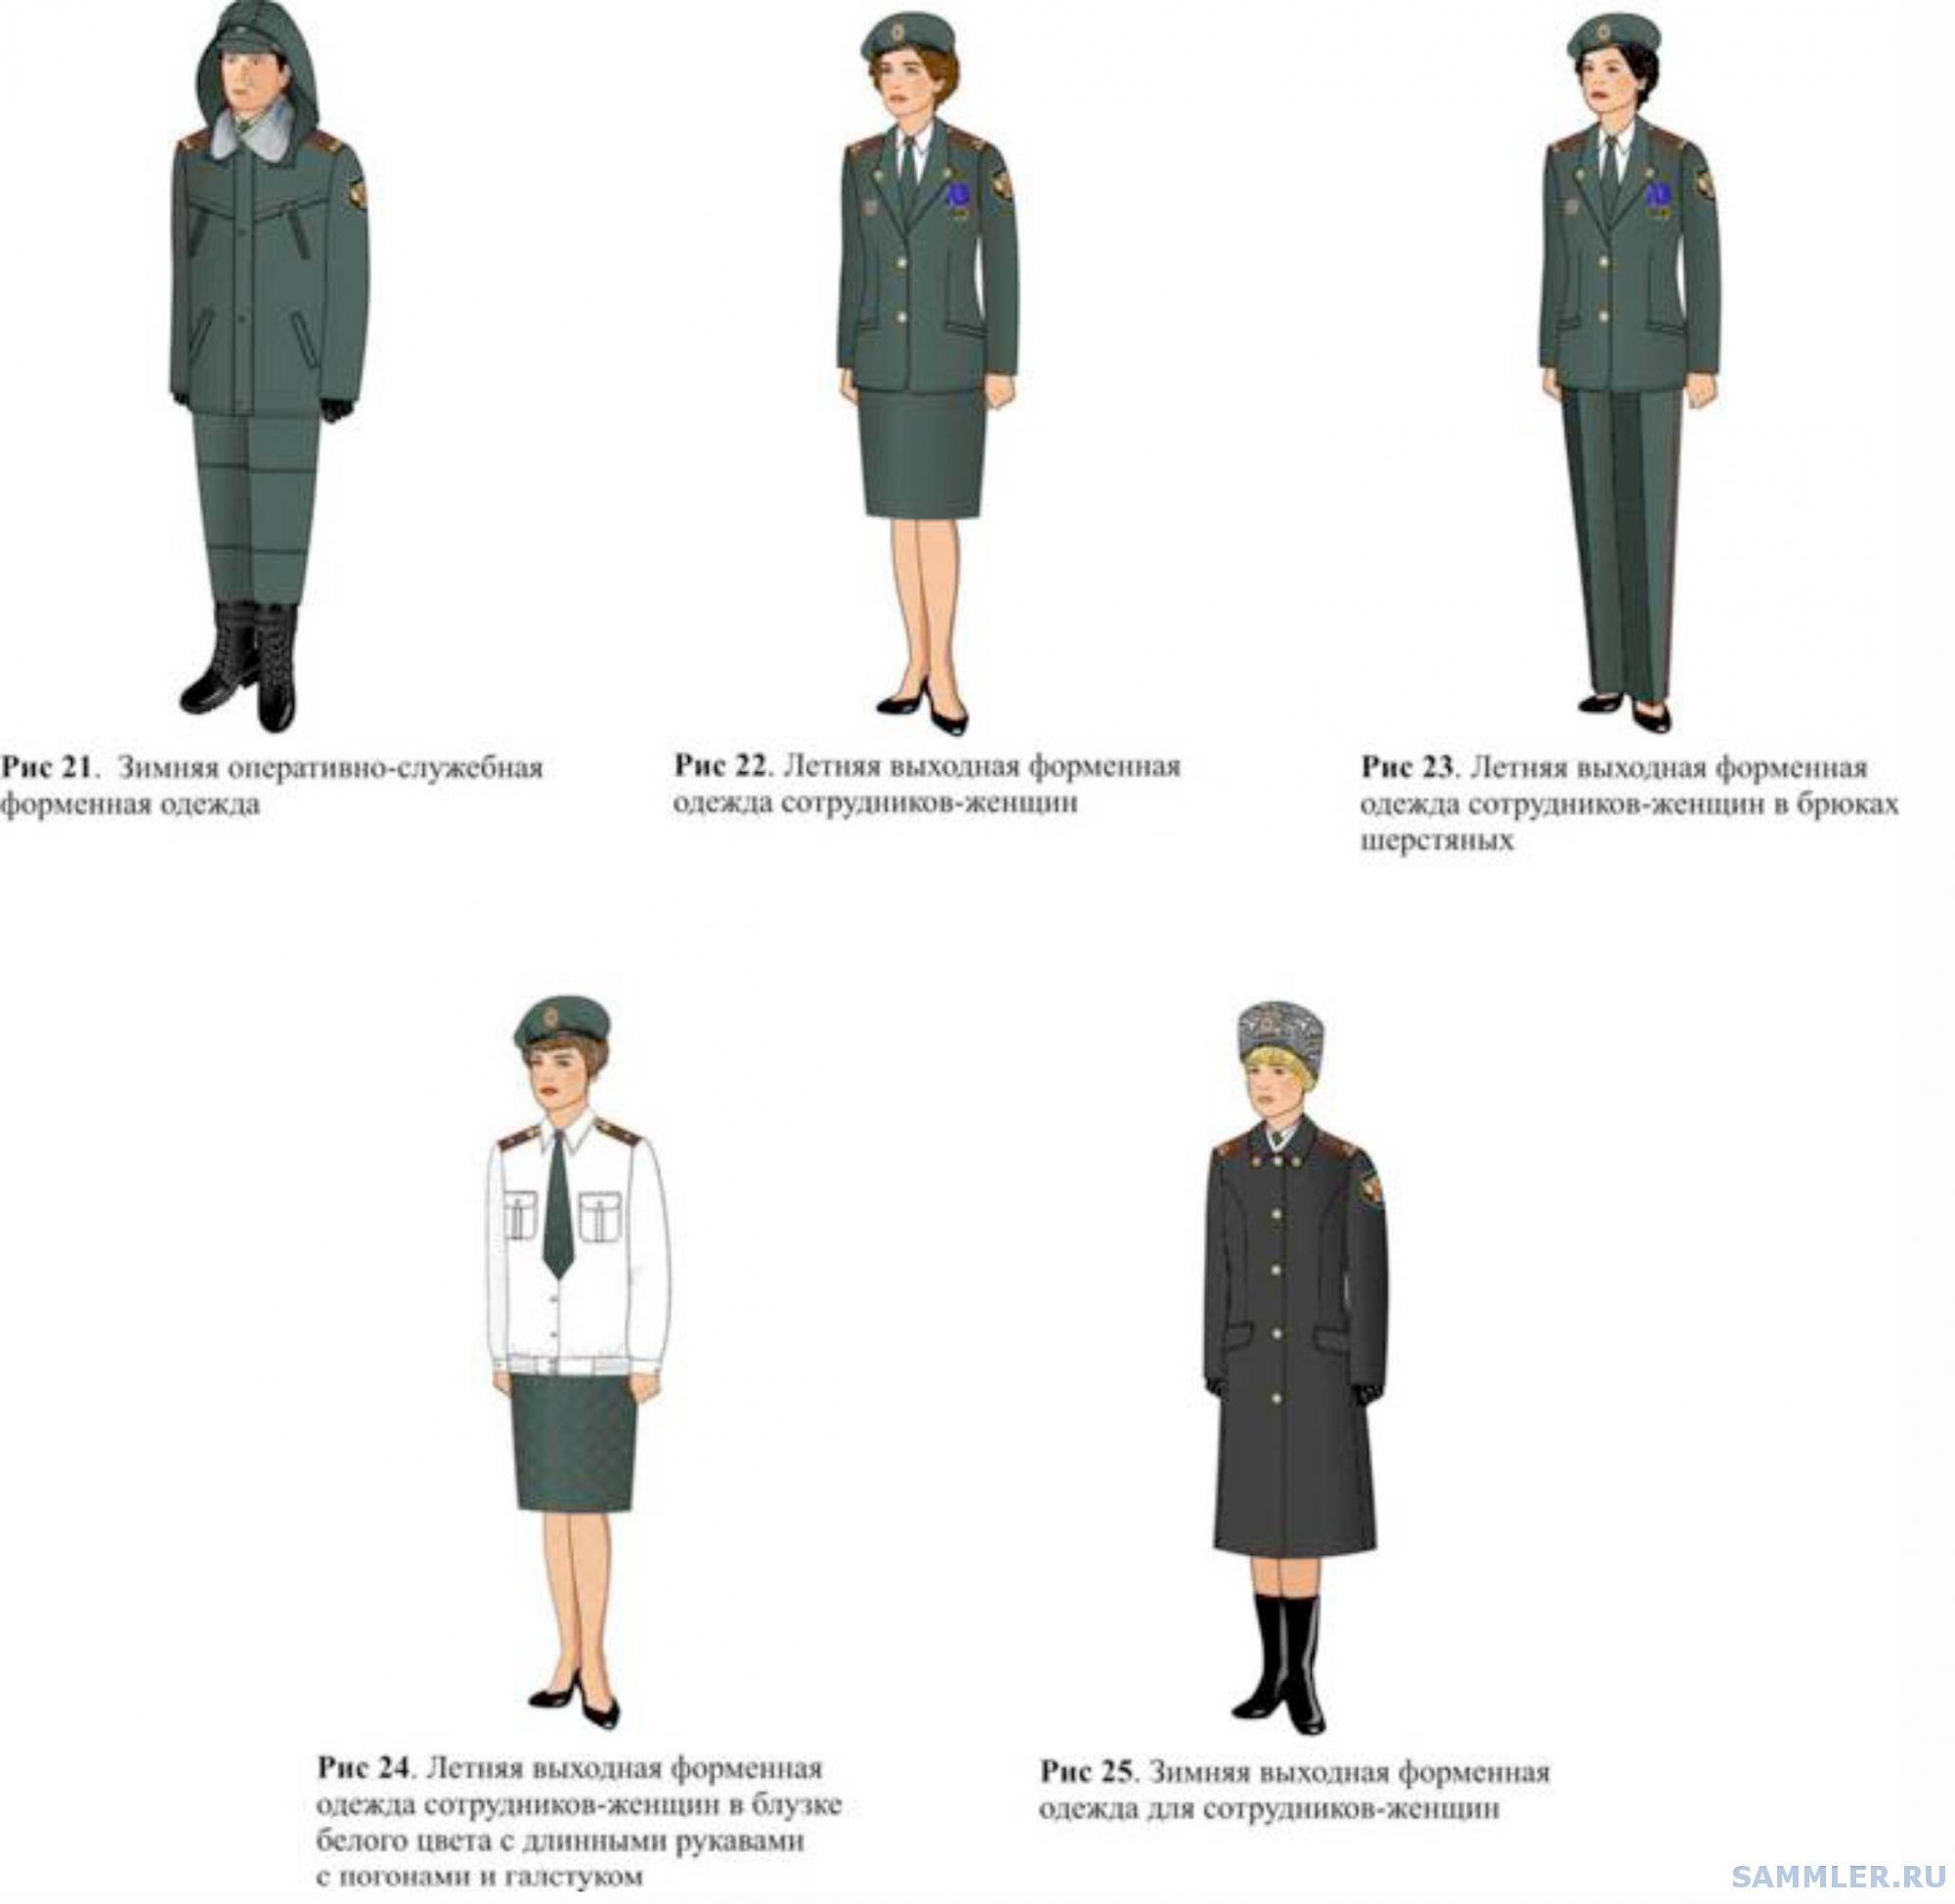 Форменная одежда сотрудников-15.jpg